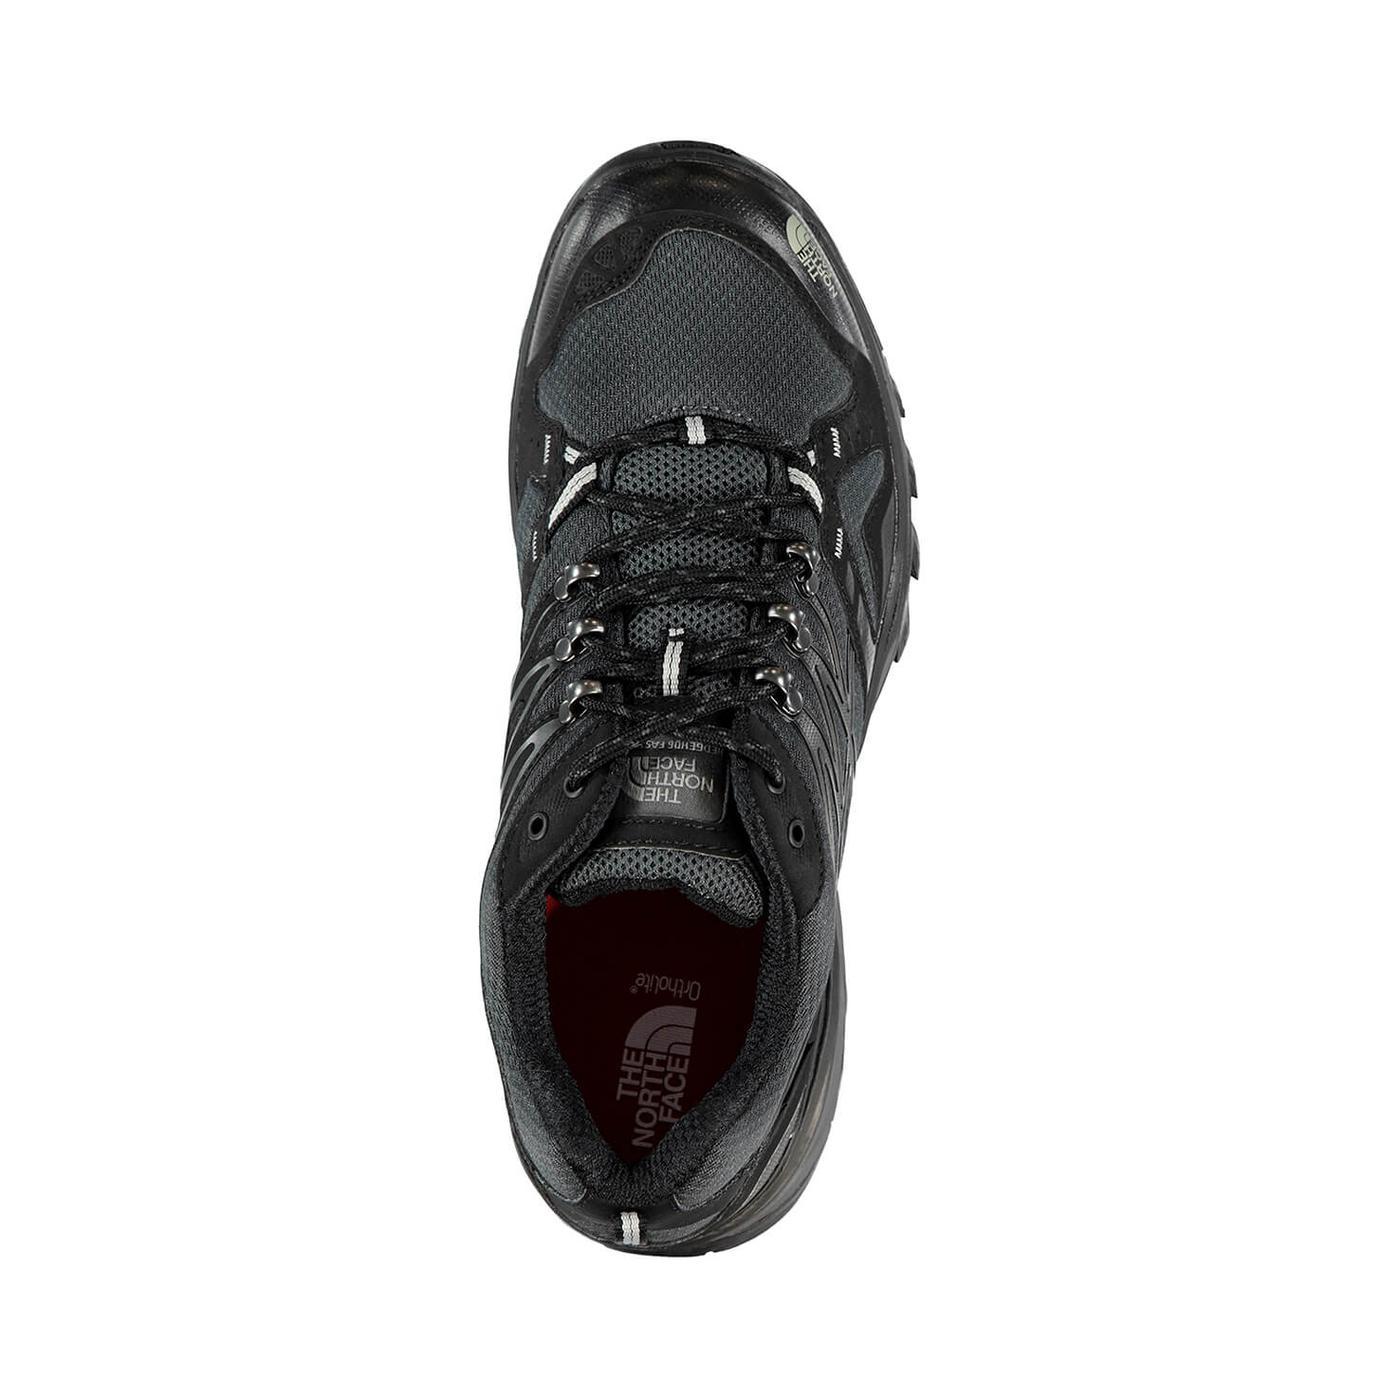 The North Face Hedgehog Fastpack Gore Tex Erkek Siyah Spor Ayakkabı